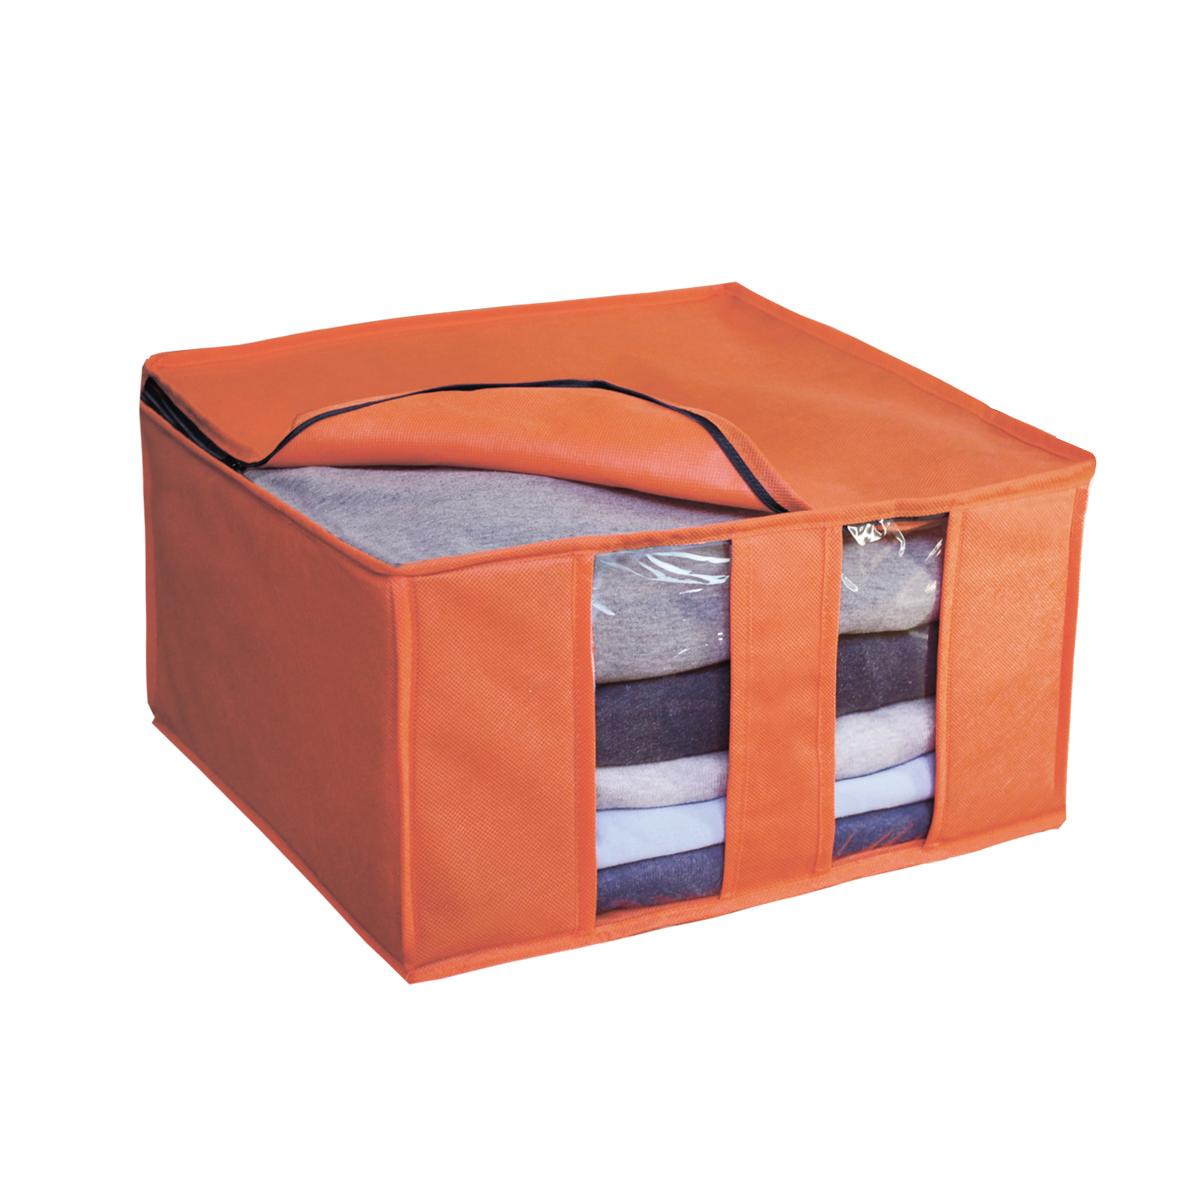 Кофр для хранения Miolla, складной, цвет: оранжевый, 40 х 40 х 25 смCHL-6-4Компактный складной кофр Miolla изготовлен из высококачественногонетканого материала, которыйобеспечивает естественную вентиляцию, позволяя воздуху проникать внутрь,но не пропускает пыль. Изделие закрывается на молнию. Размер кофра (в собранном виде): 40 x 40 x 25 см.